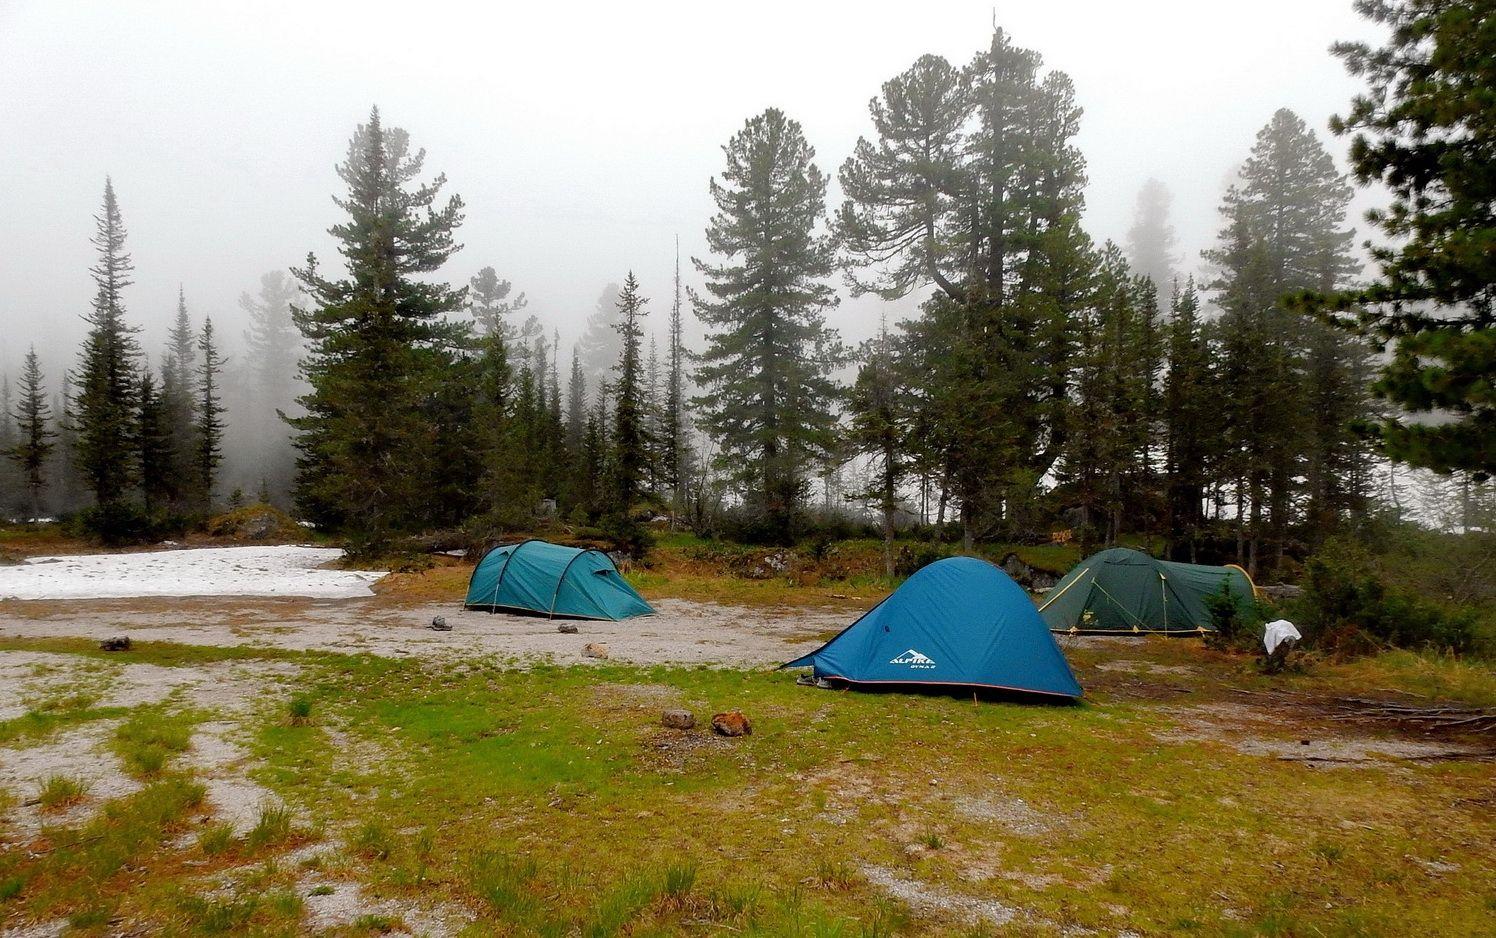 Где в России можно экстремально и с пользой отдохнуть в палатке